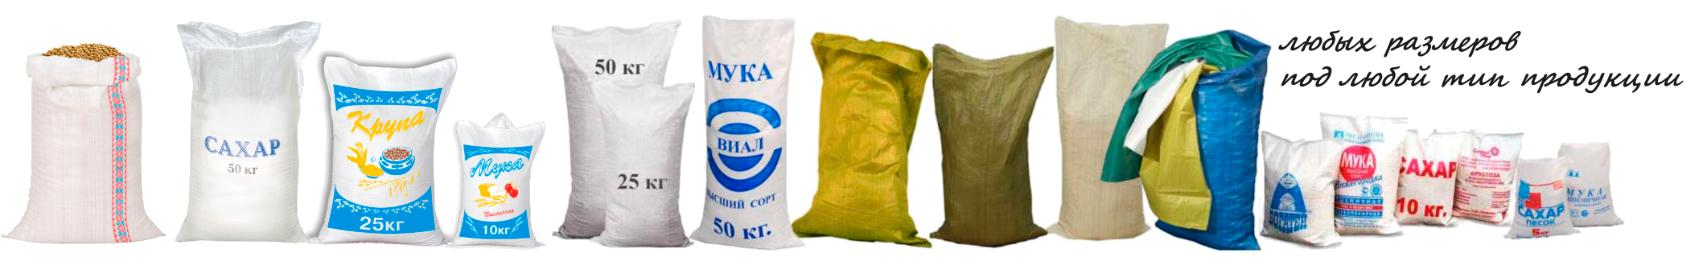 Мешки полипропиленовые от производителя компании ВИАЛ